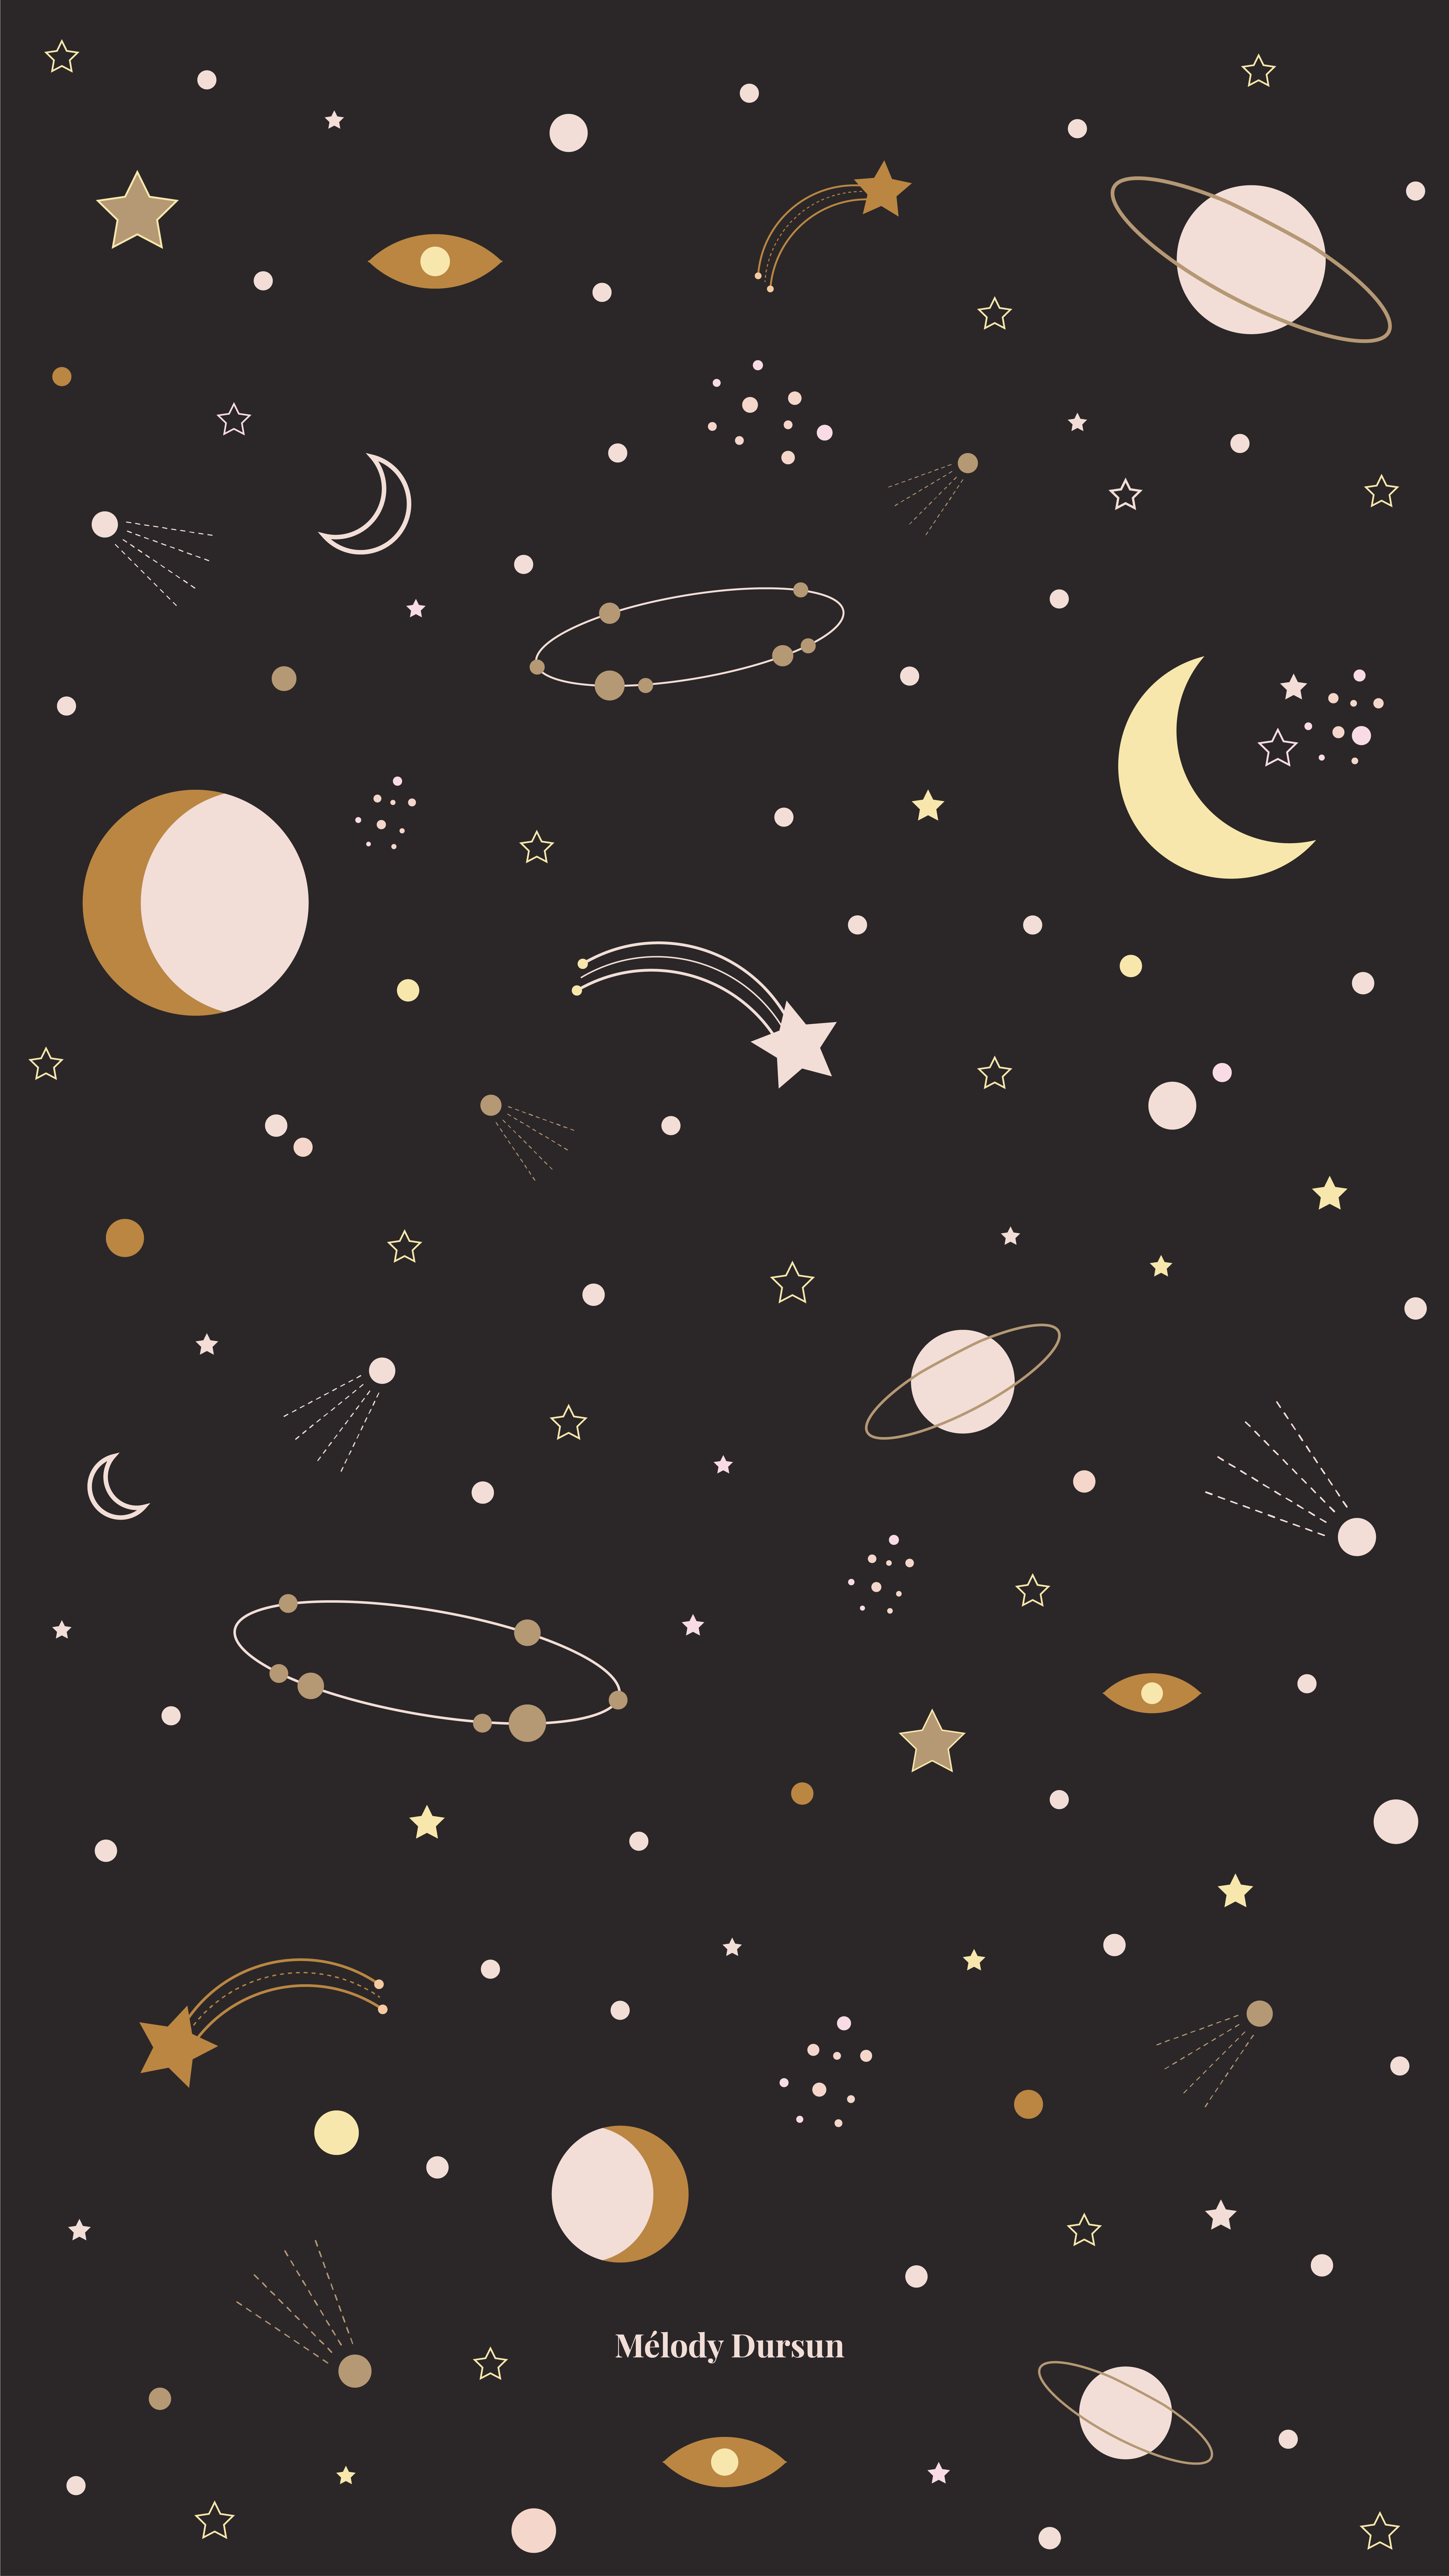 Mélody Dursun - Fond d'écran Janvier 2019 #melodydursun #graphicdesign #january #calendar #freebies #wallpaper #astral #constellation from melodydursun.com